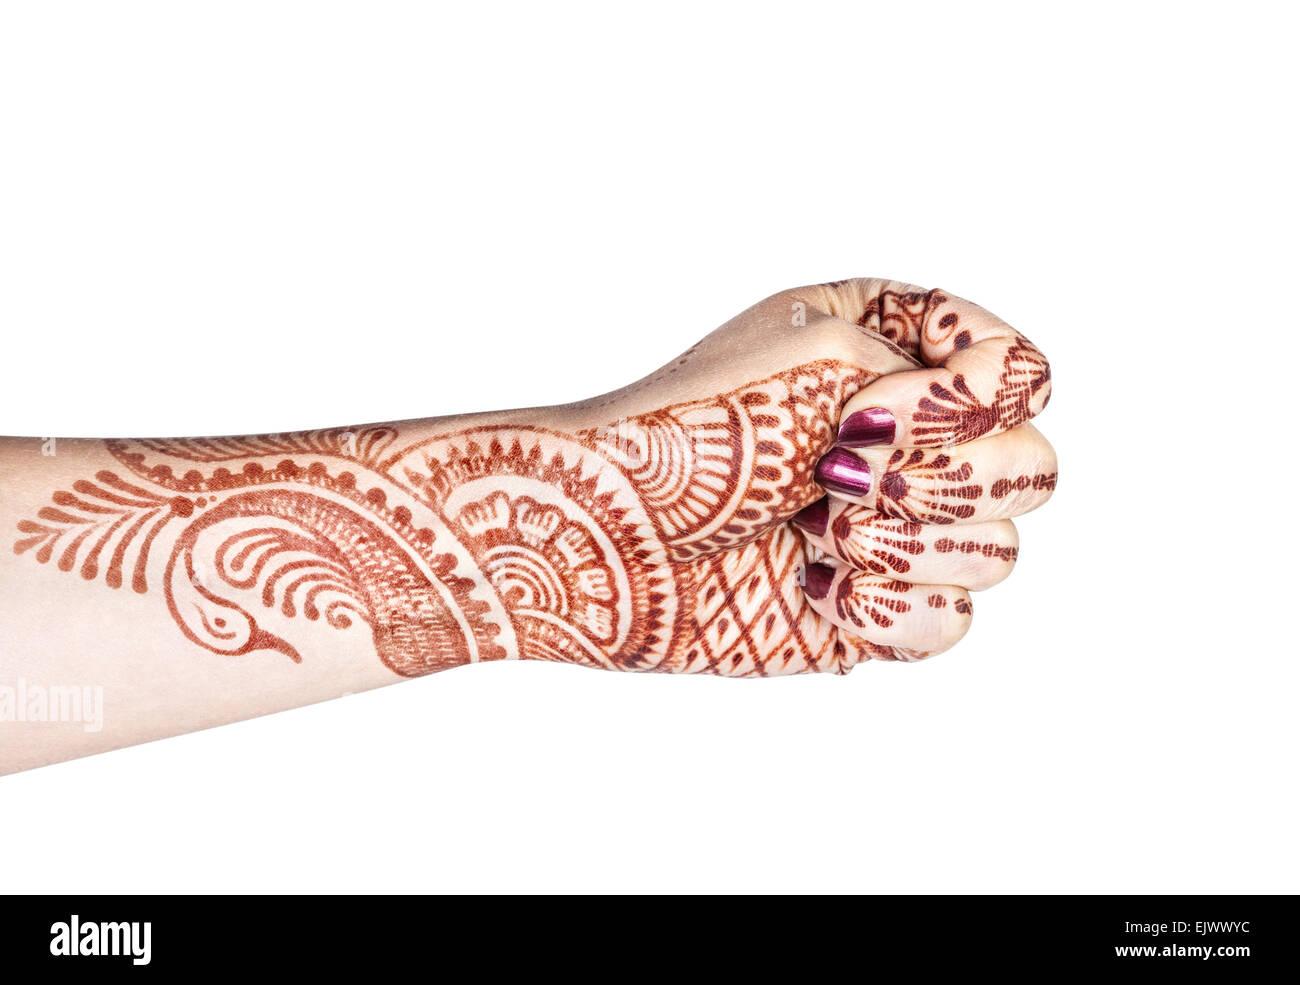 Donna con mano henna fare Adi mudra isolato su sfondo bianco con tracciato di ritaglio Immagini Stock